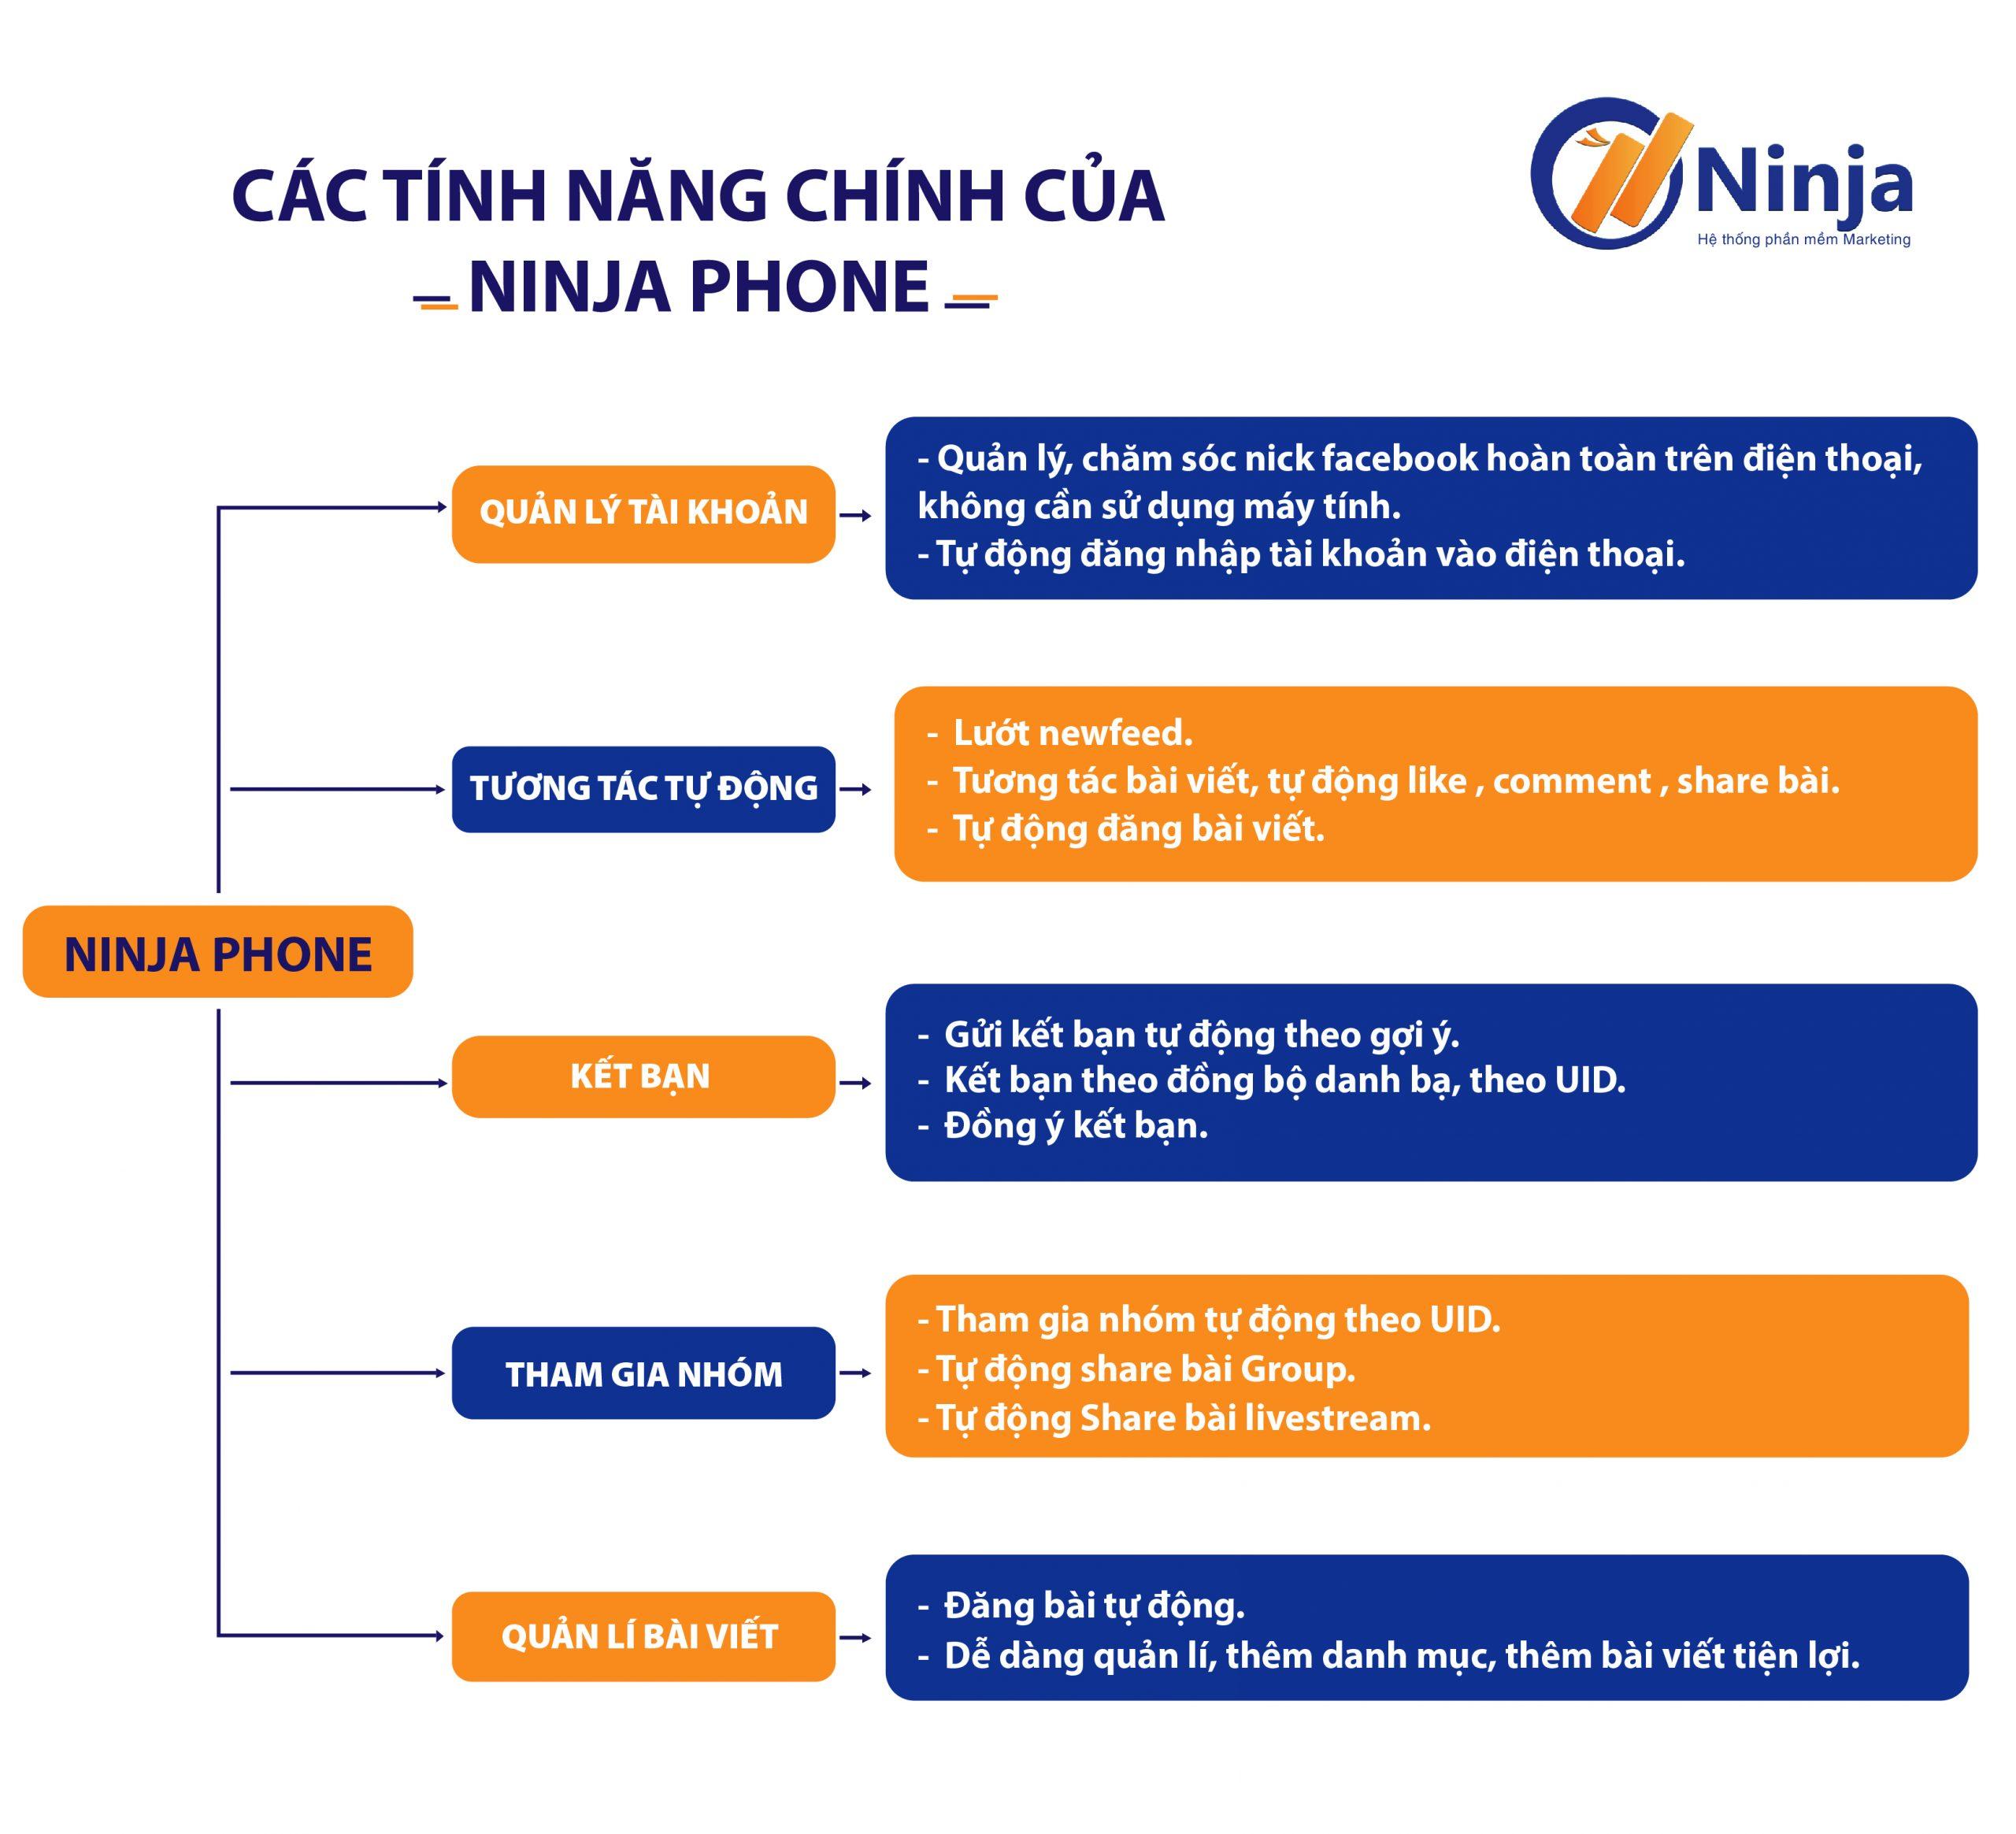 ninja-phone-phan-mem-nuoi-nick-dien-thoai-thong-minh-tien-loi